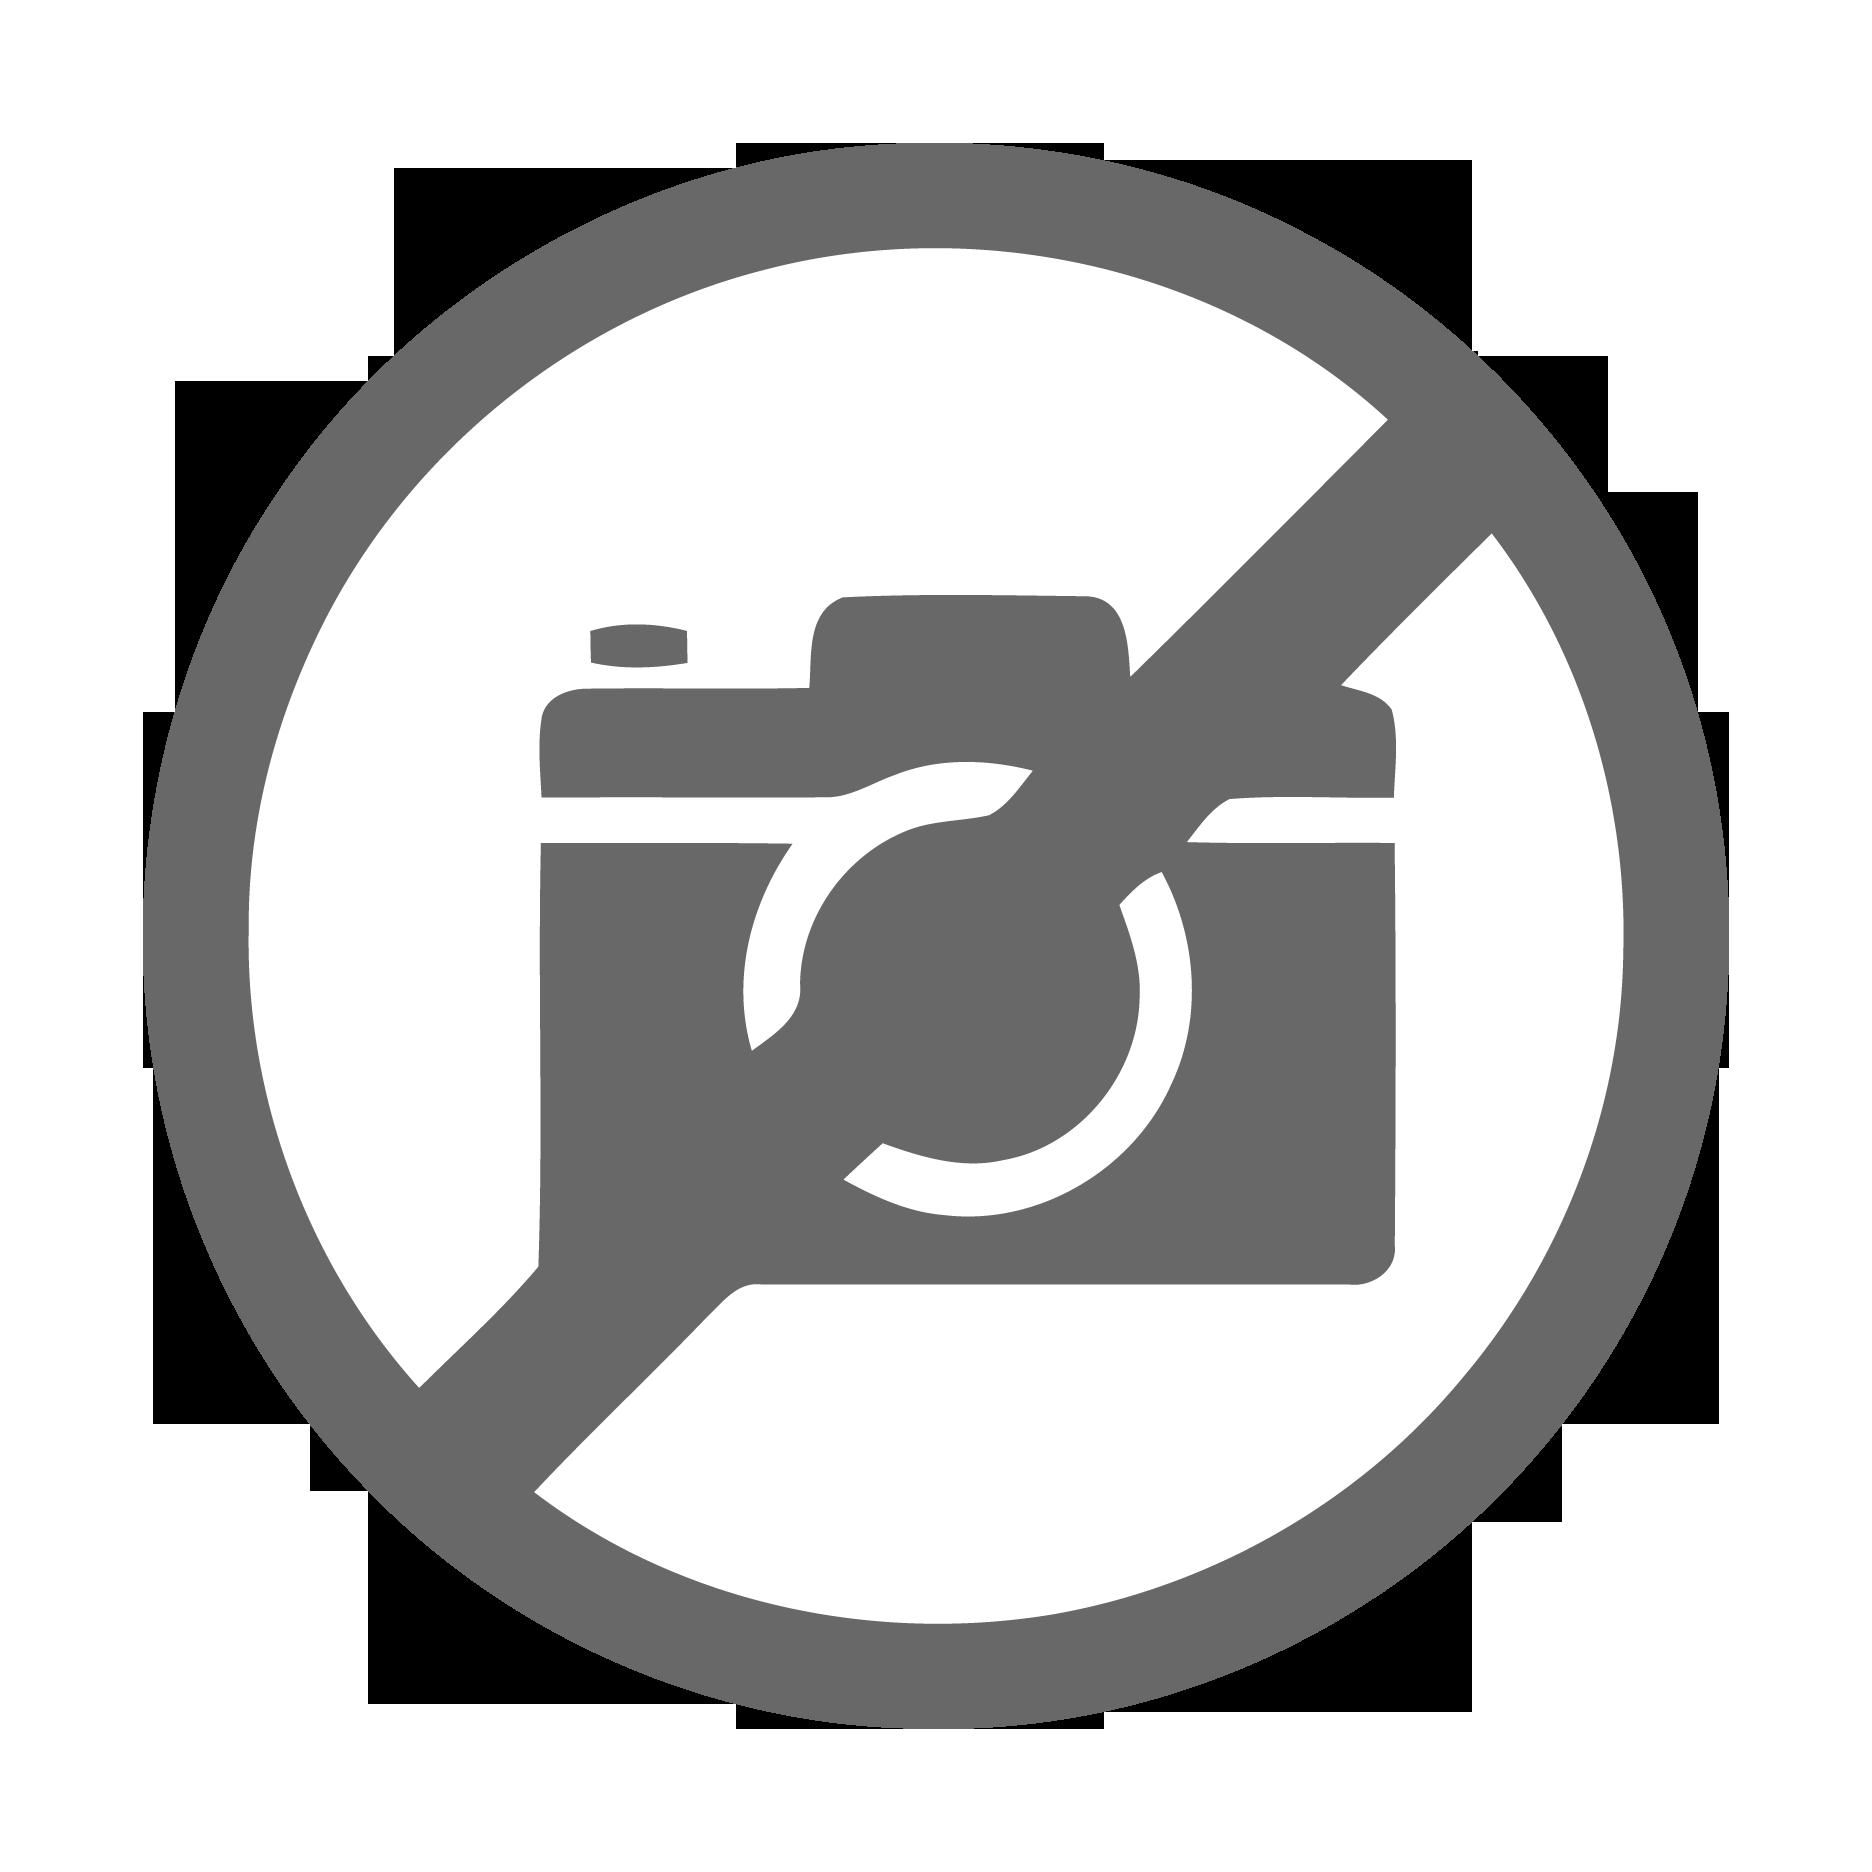 FIG'O